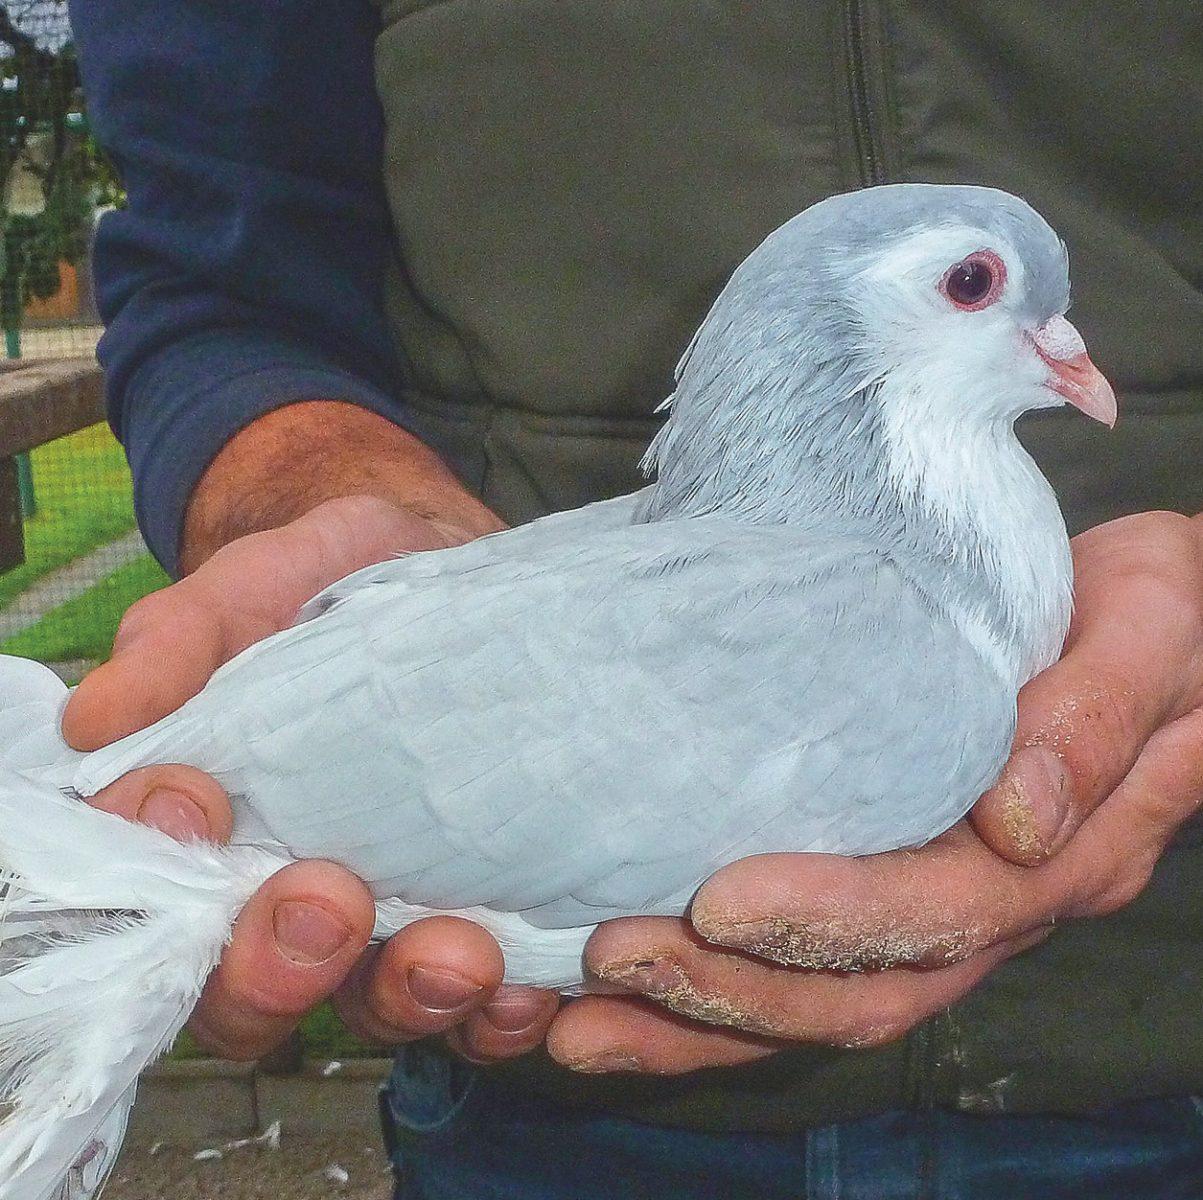 Züchter Christian Stenglzeigt eine seiner EM versorgten Lahore Tauben.